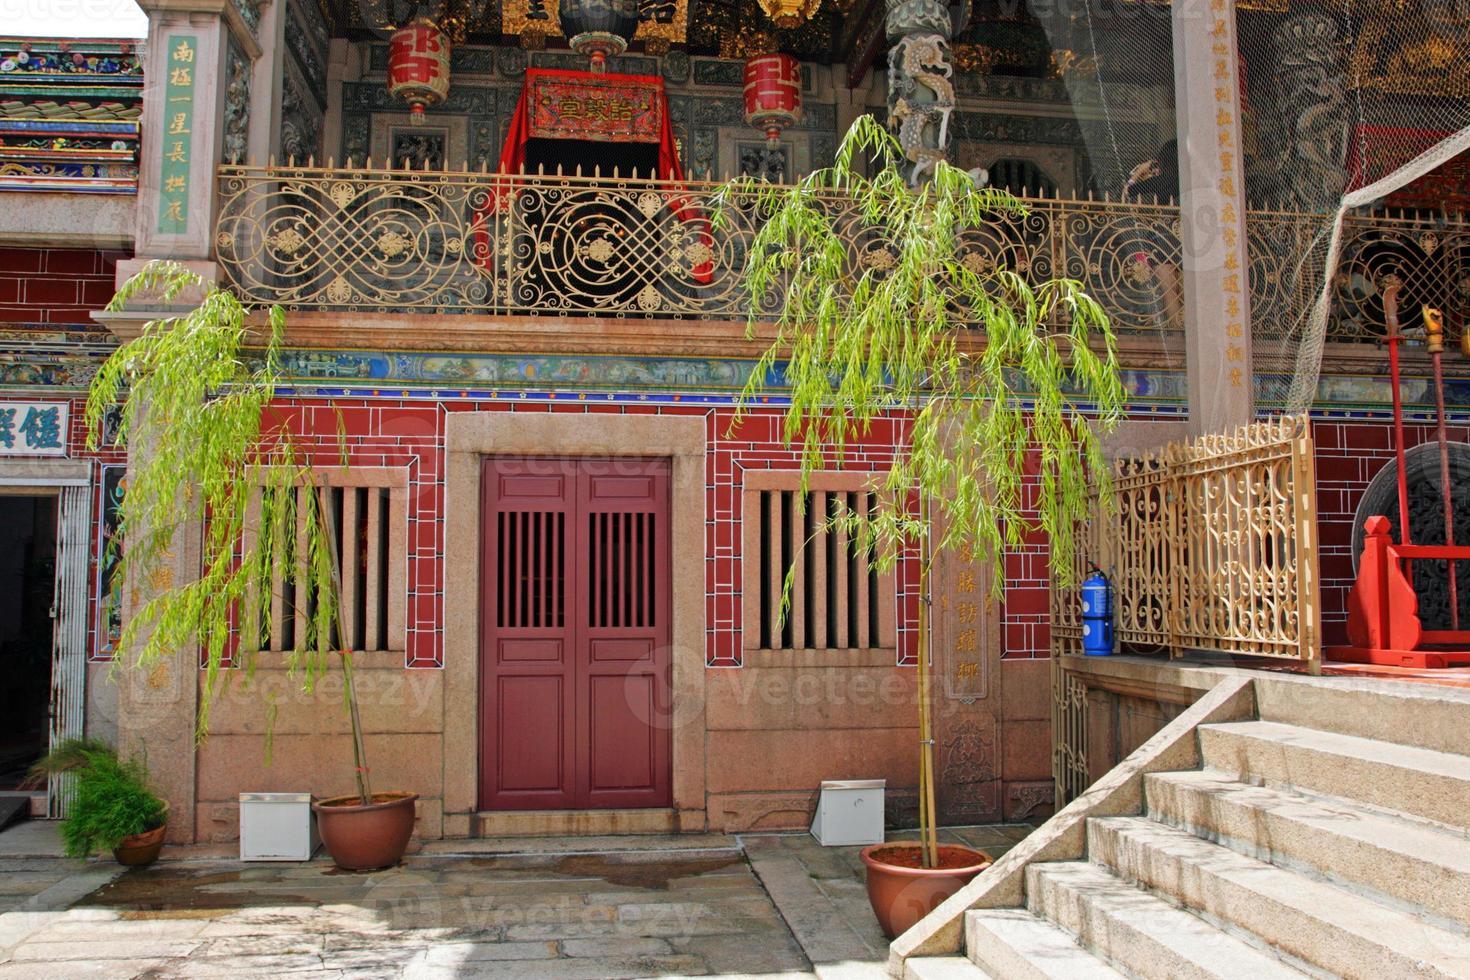 george stad unesco werelderfgoed, penang, maleisië foto